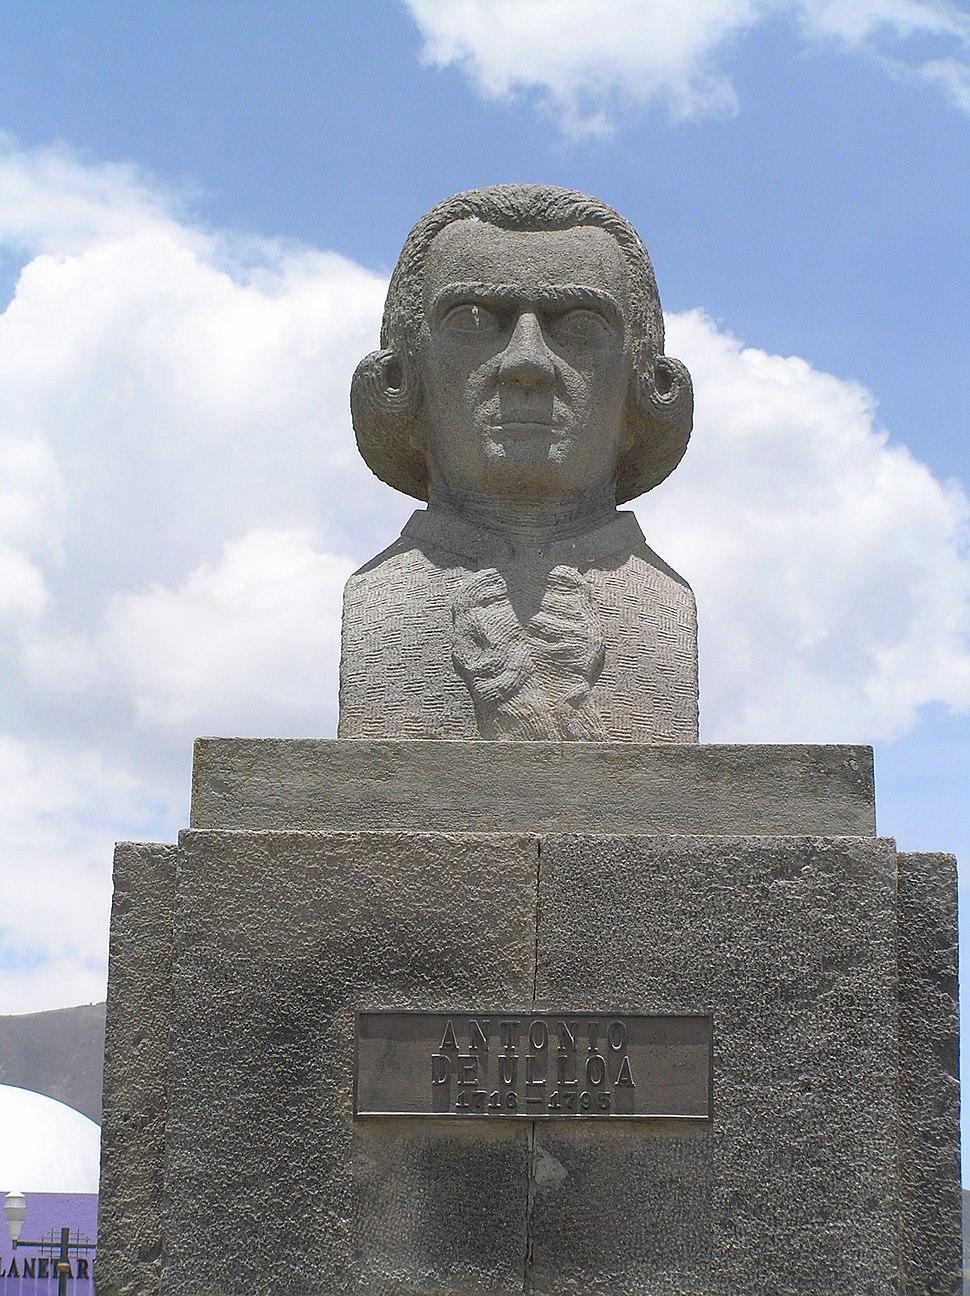 20061001 - Mitad del Mundo (busto de Antonio de Ulloa)